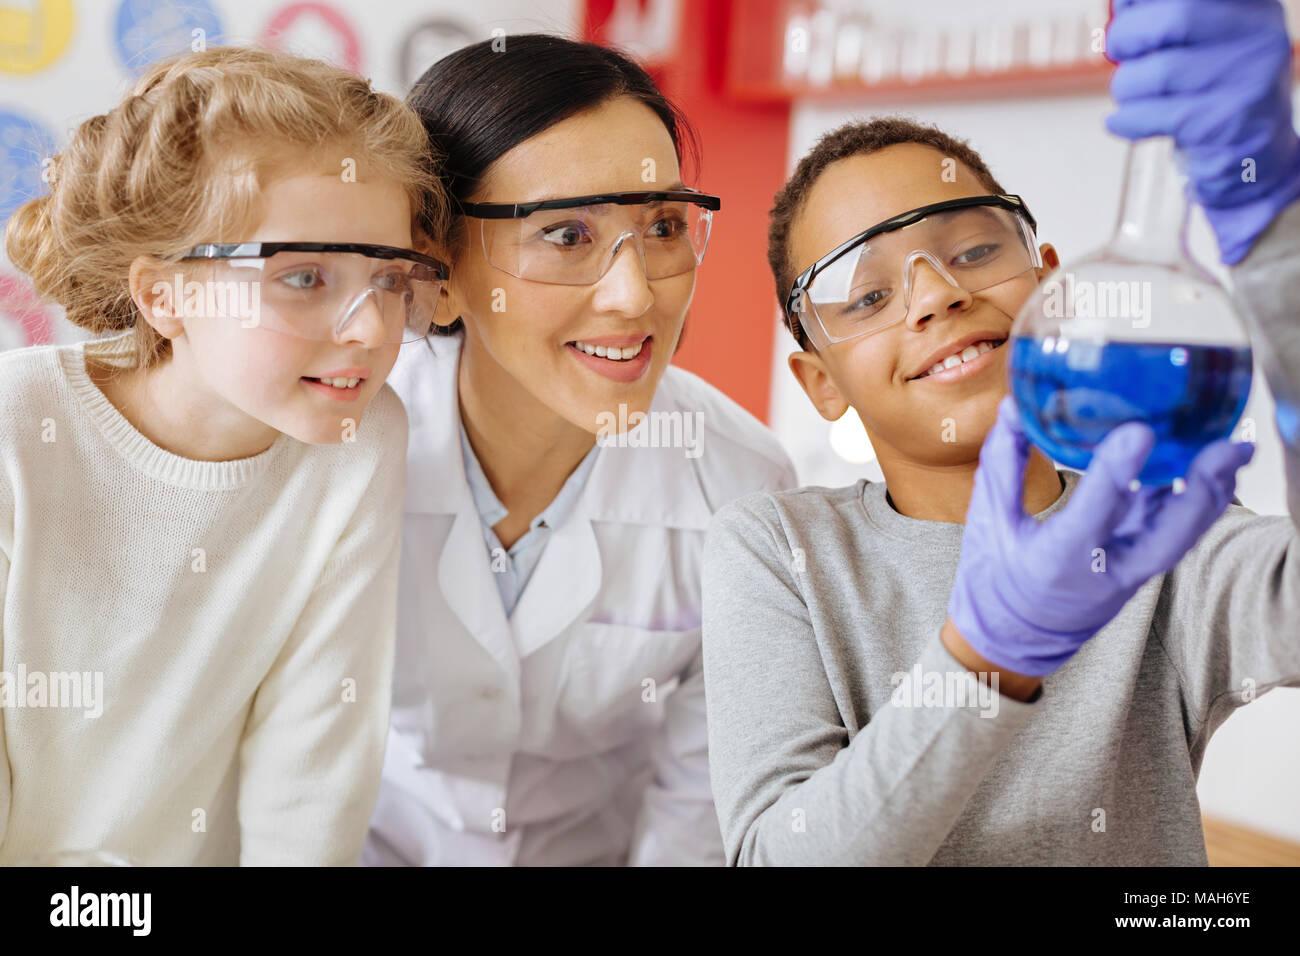 El colegial mostrando matraz con sustancia orgullosamente a maestros y classmate Imagen De Stock